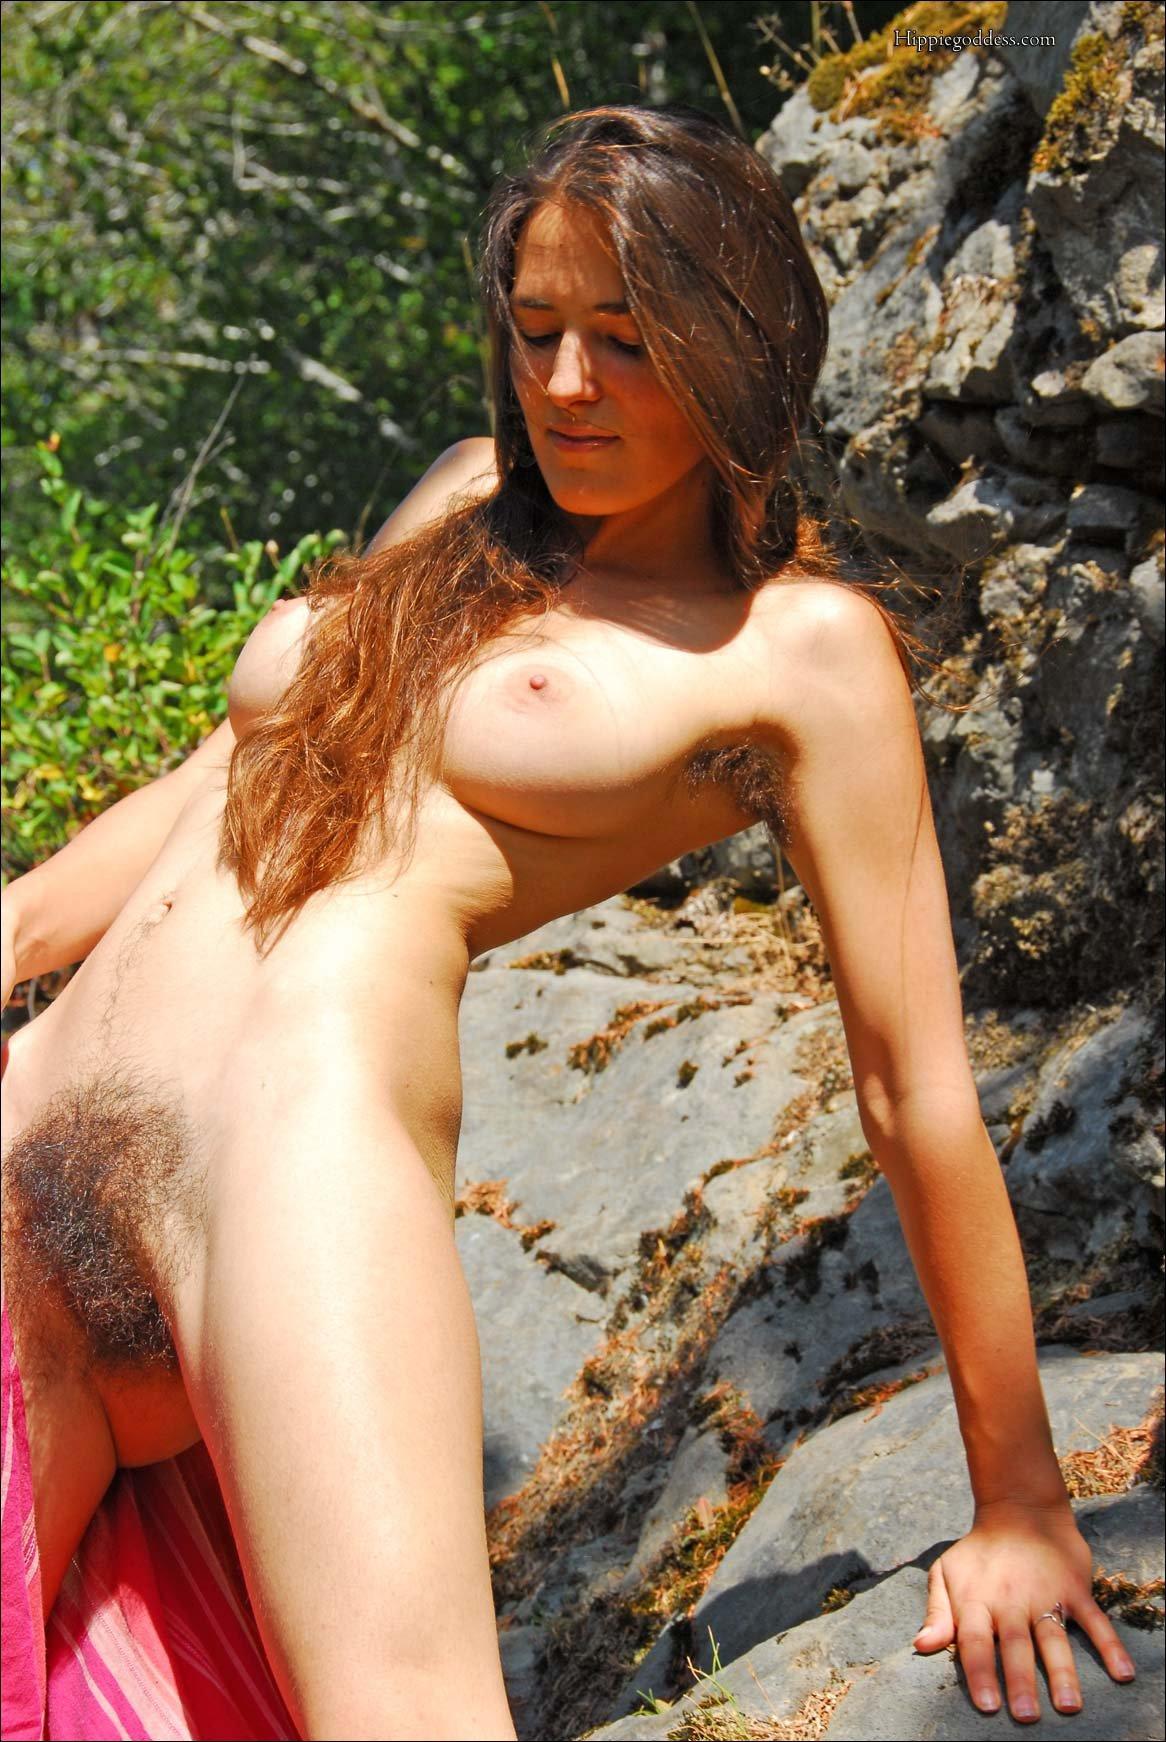 Hairy Hippie Women 34